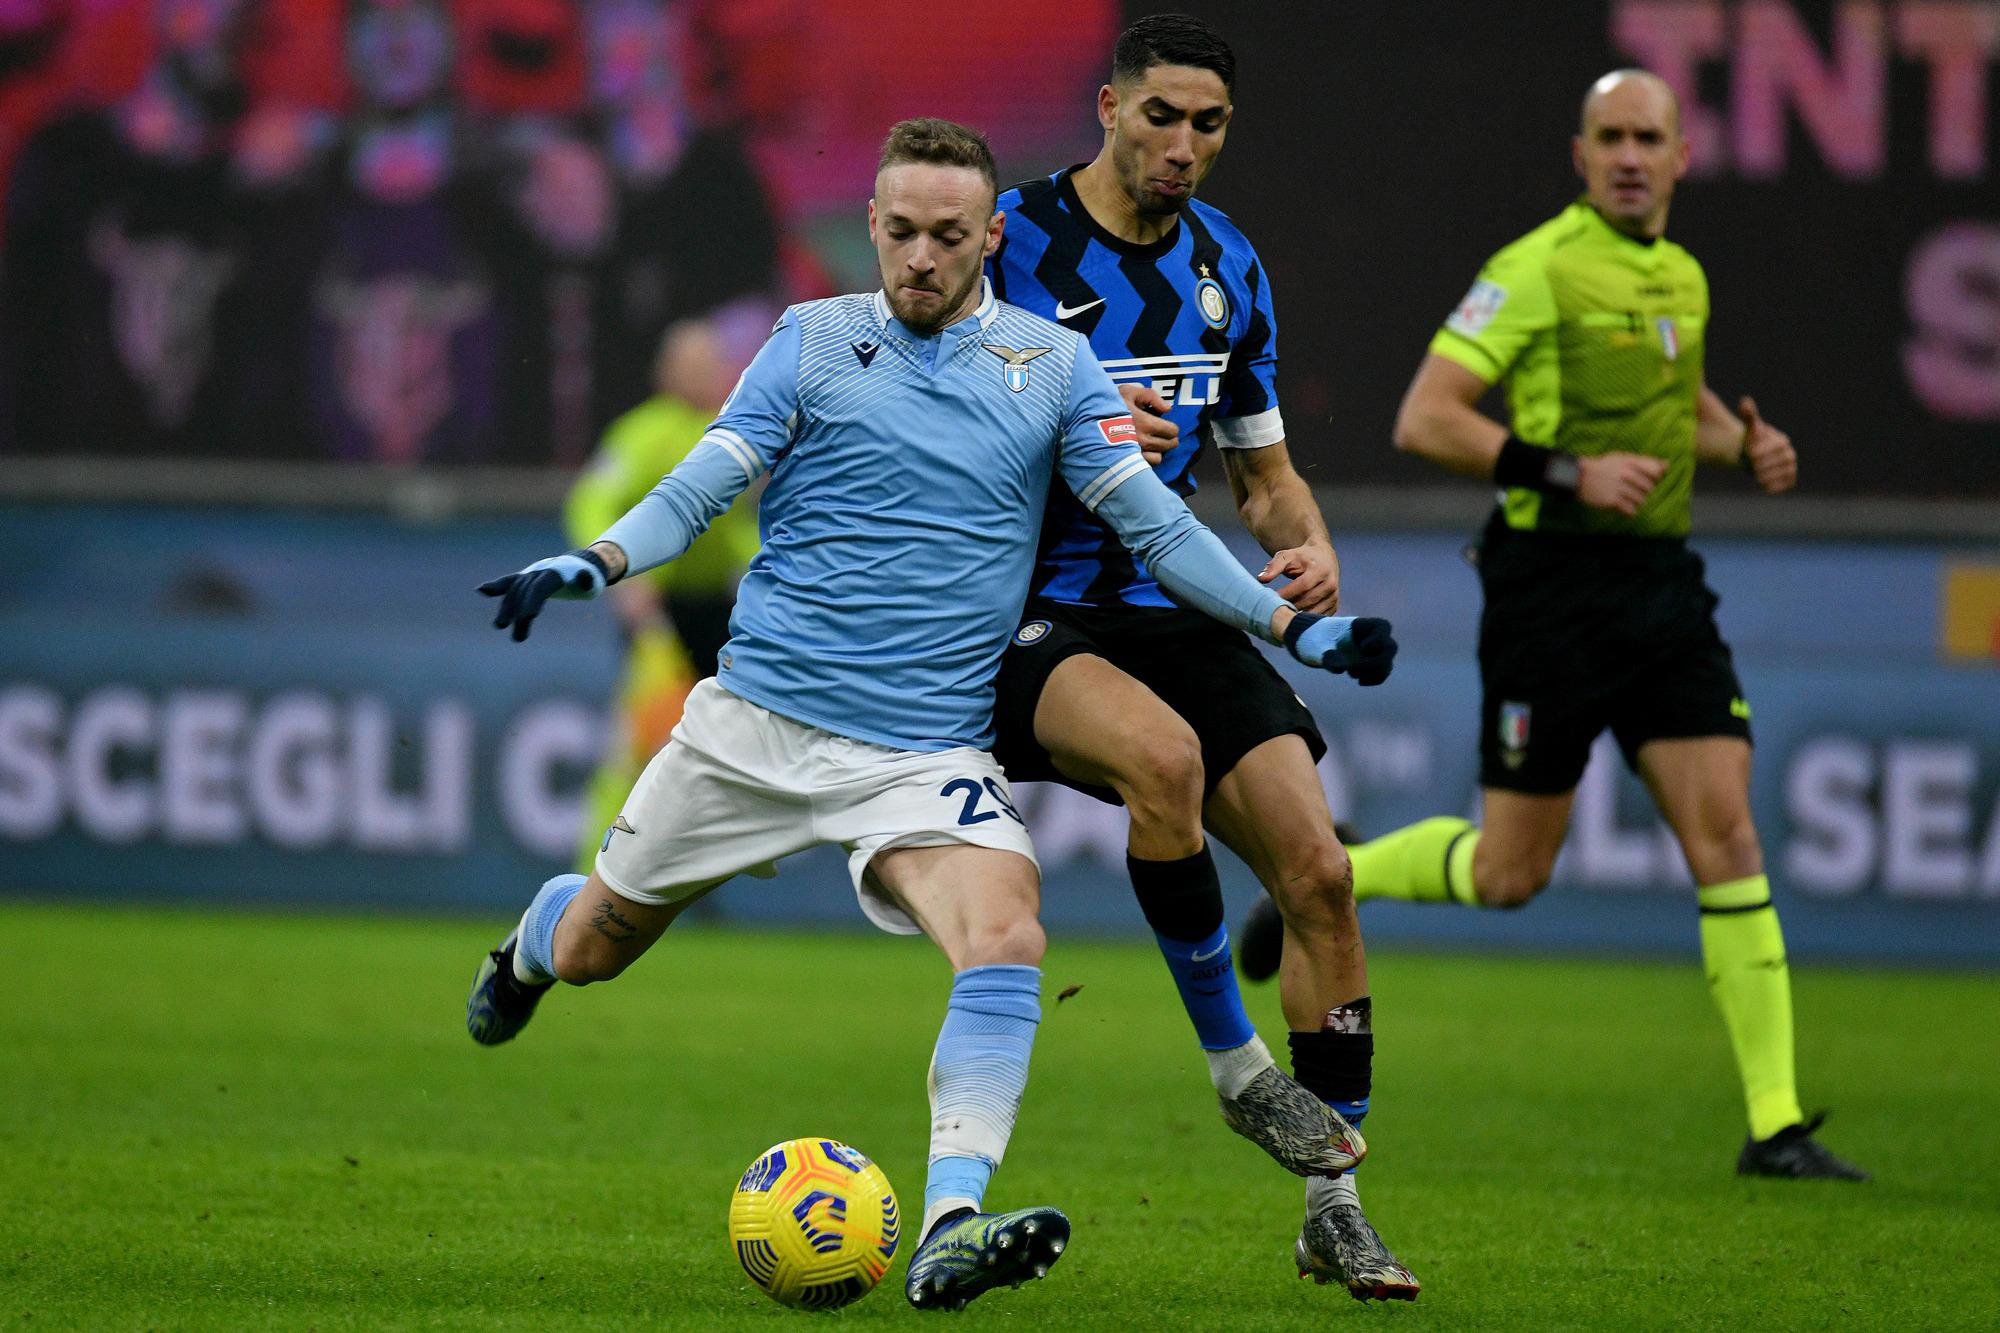 Lazio cầm bóng tới 65% và dứt điểm nhiều hơn - 14 so với 12, nhưng không hiệu quả trước một Inter phòng ngự và tấn công đều sắc sảo. Ảnh: Fotonotizia